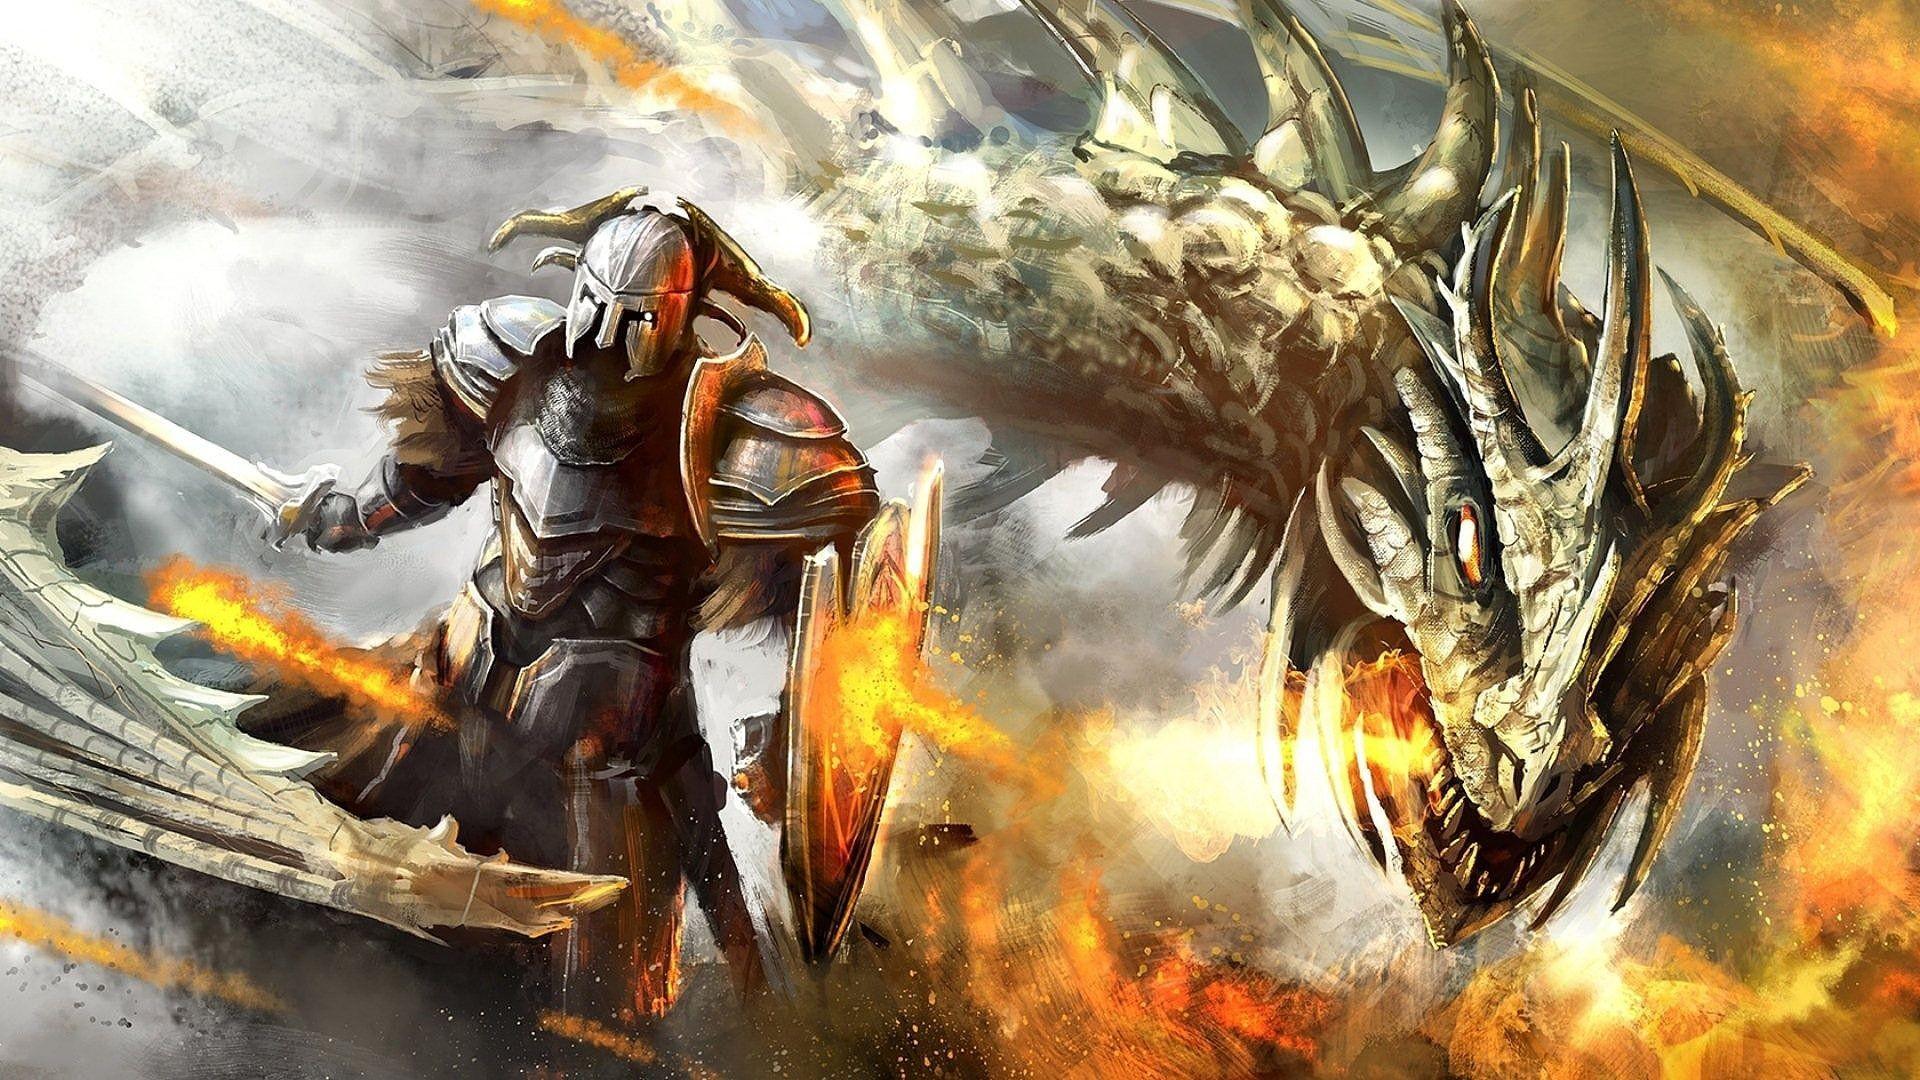 Dragon Warrior Knight Wallpaper HD Desktop 178 #12076 Wallpaper .